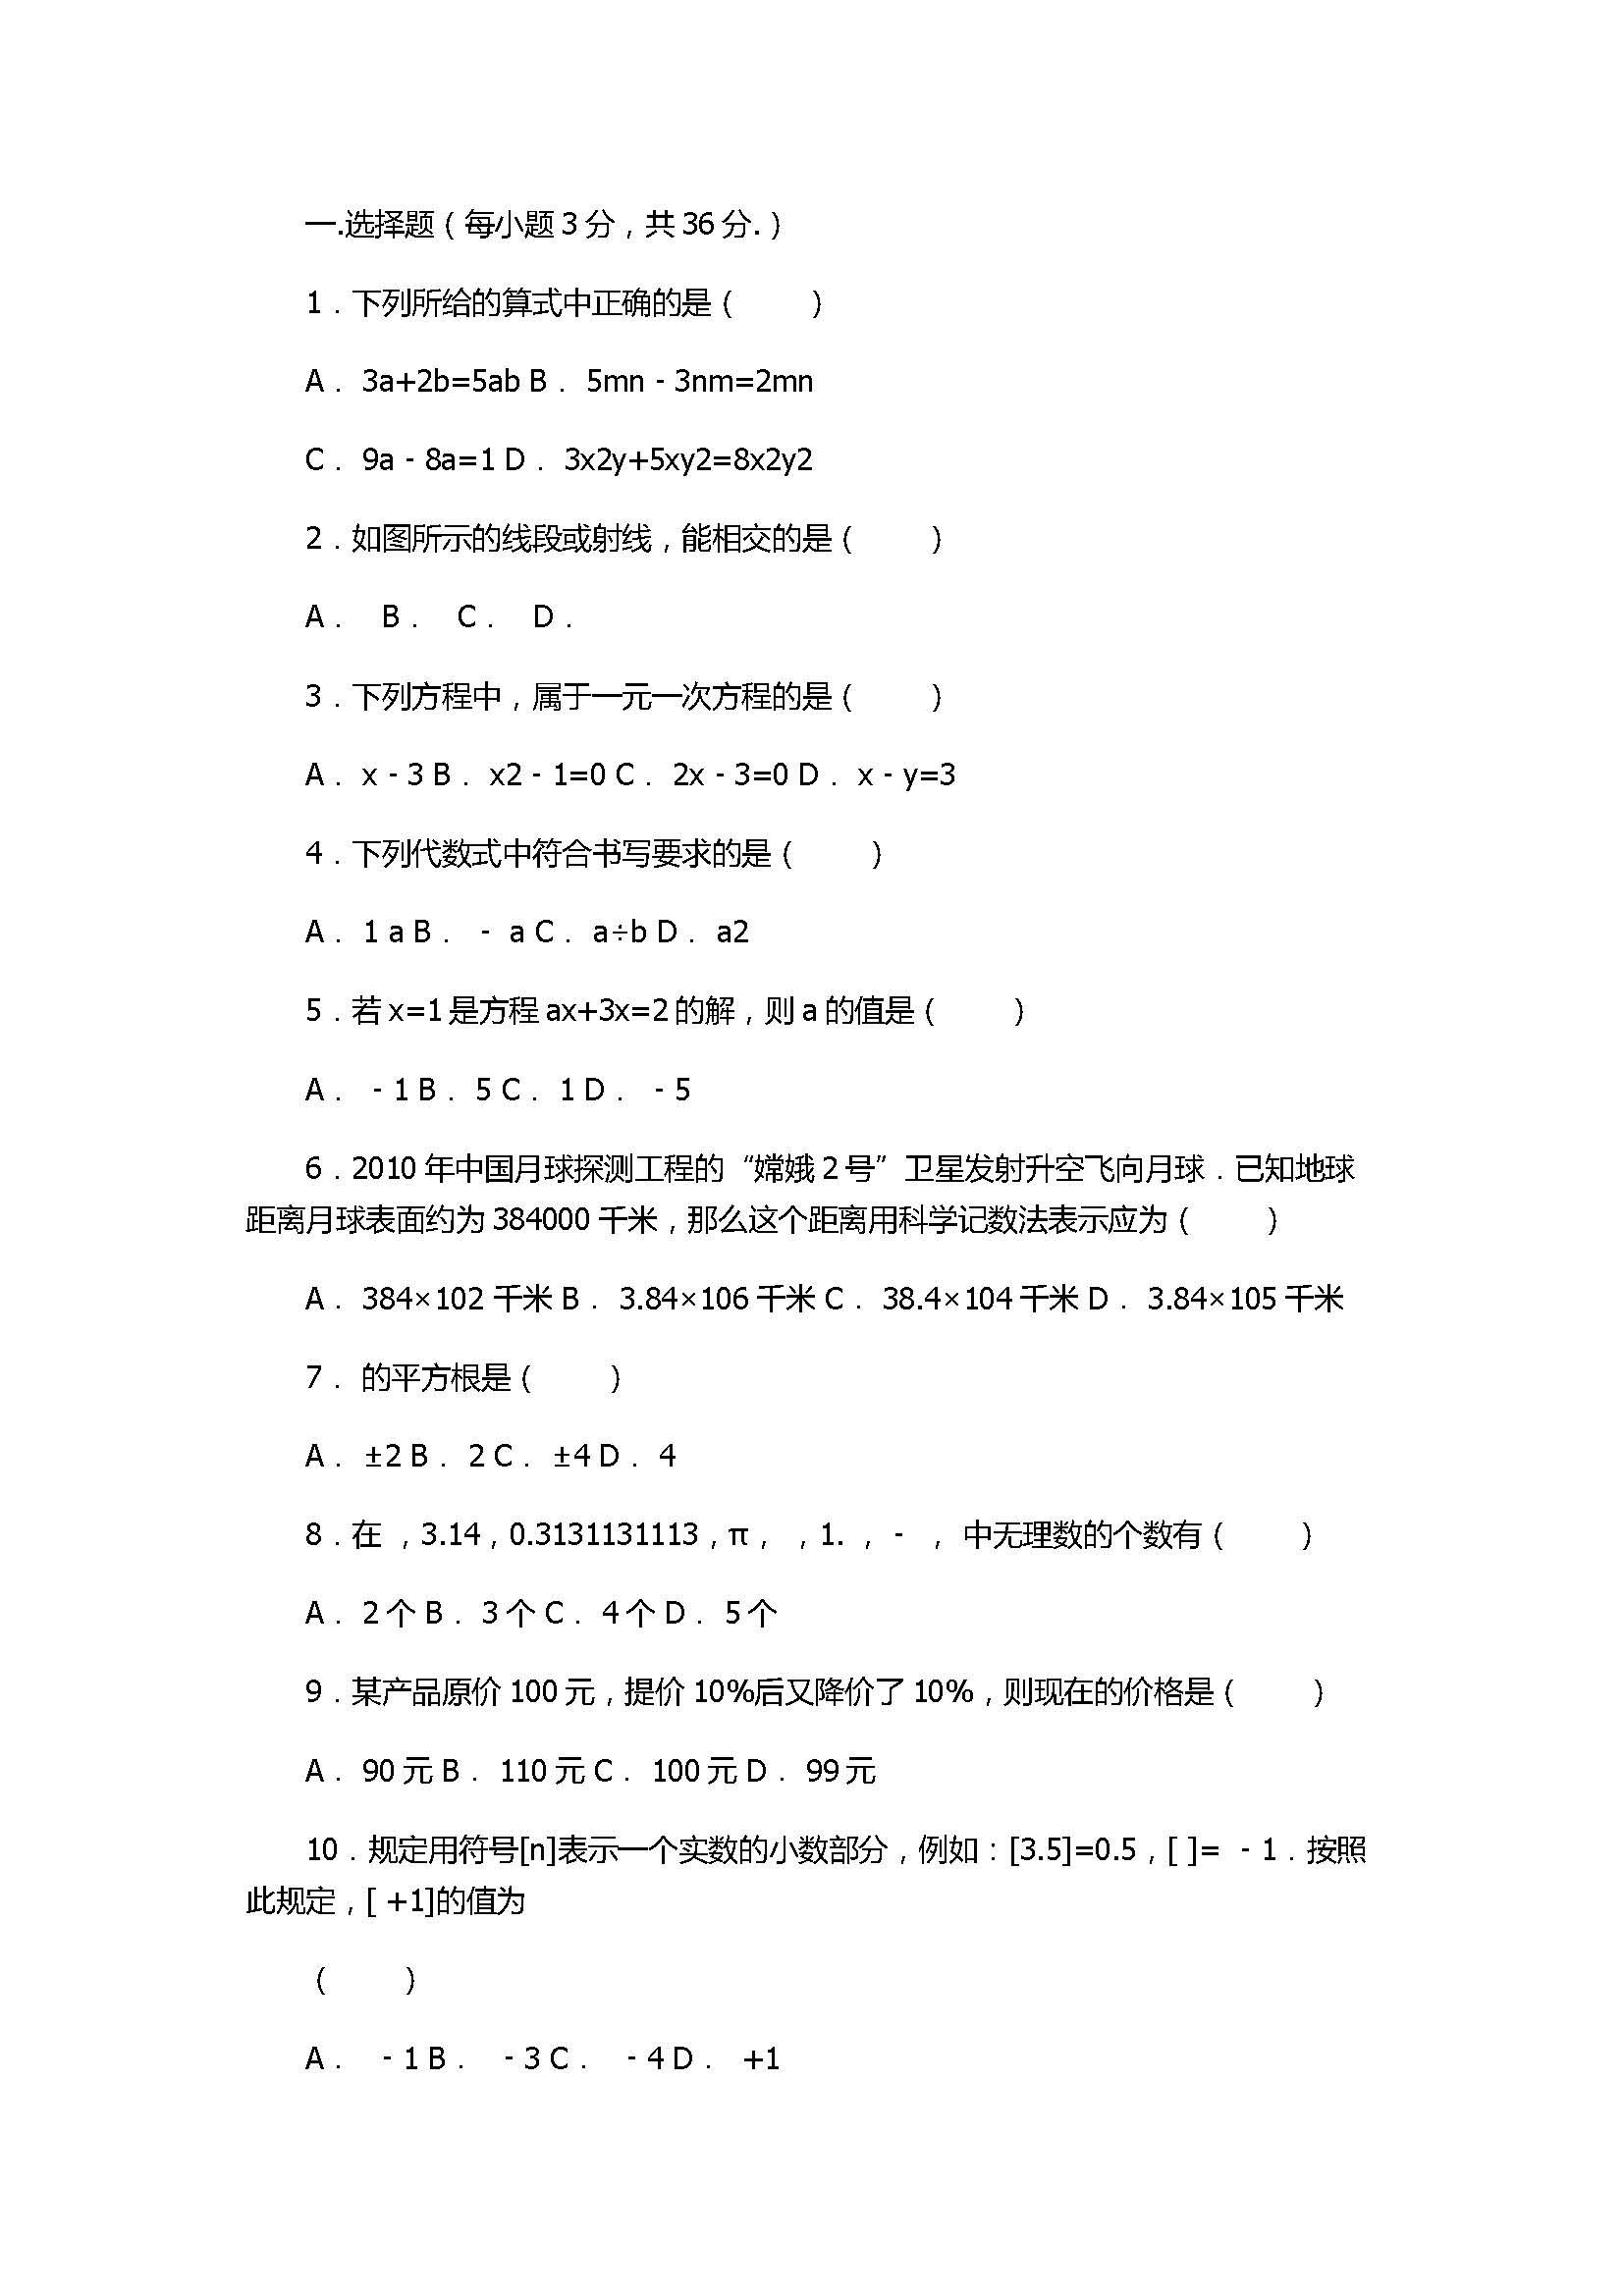 2017七年级数学第3次月考试卷含答案及解析(浙江省宁波市)